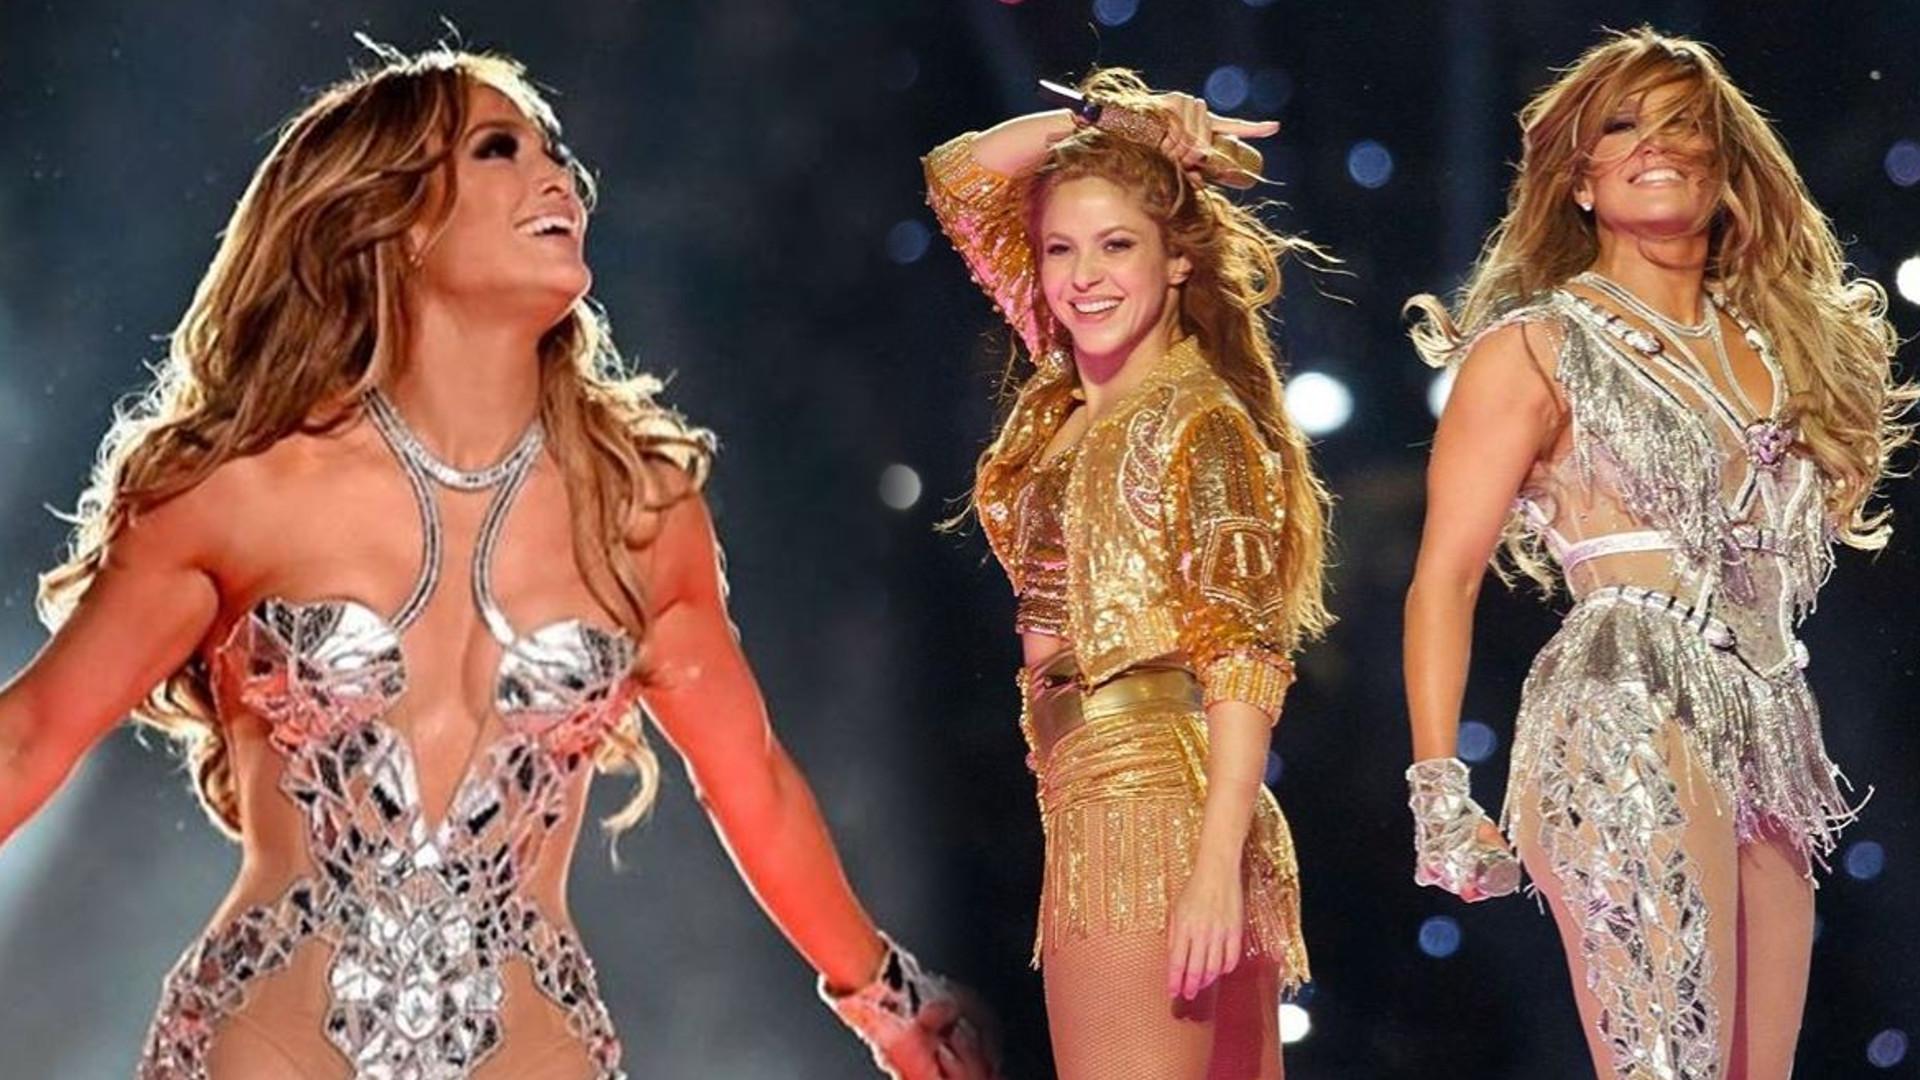 Scena płonęła na Super Bowl Halftime Show 2020. Jennifer Lopez i Shakira zmiotły konkurencję!